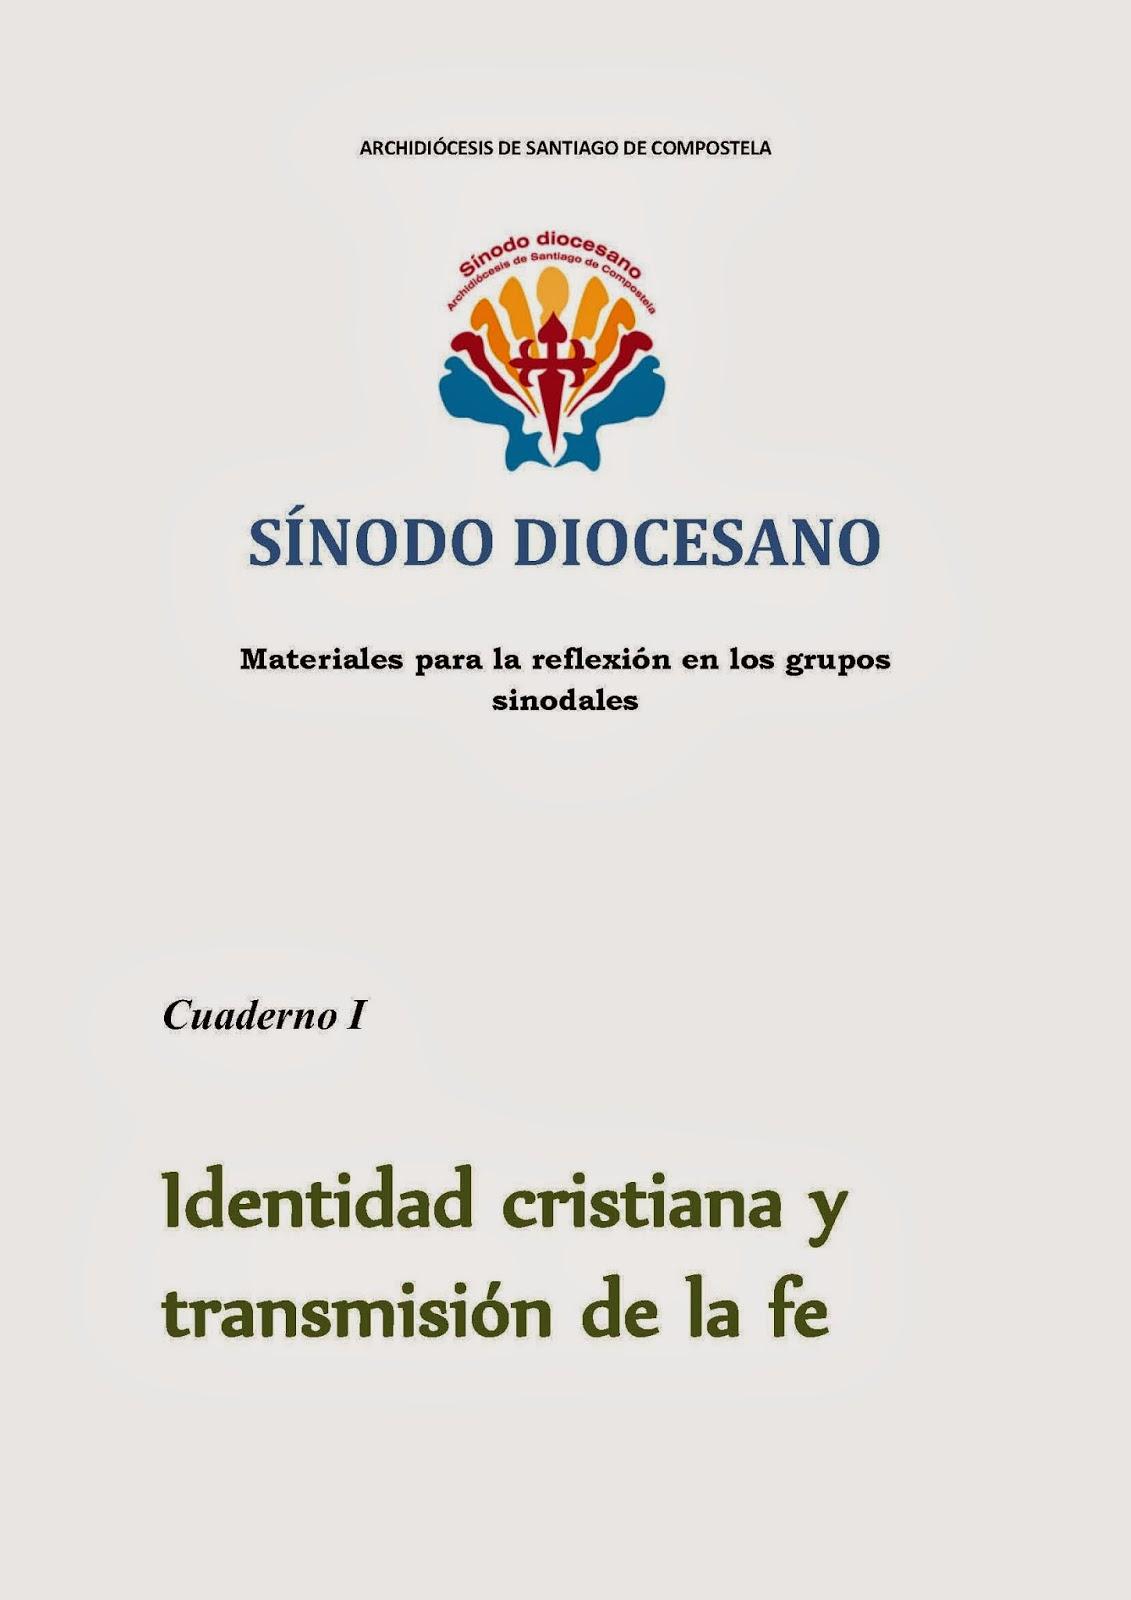 www.archicompostela.org/Comun/sinodo-diocesano/Cuaderno I.pdf